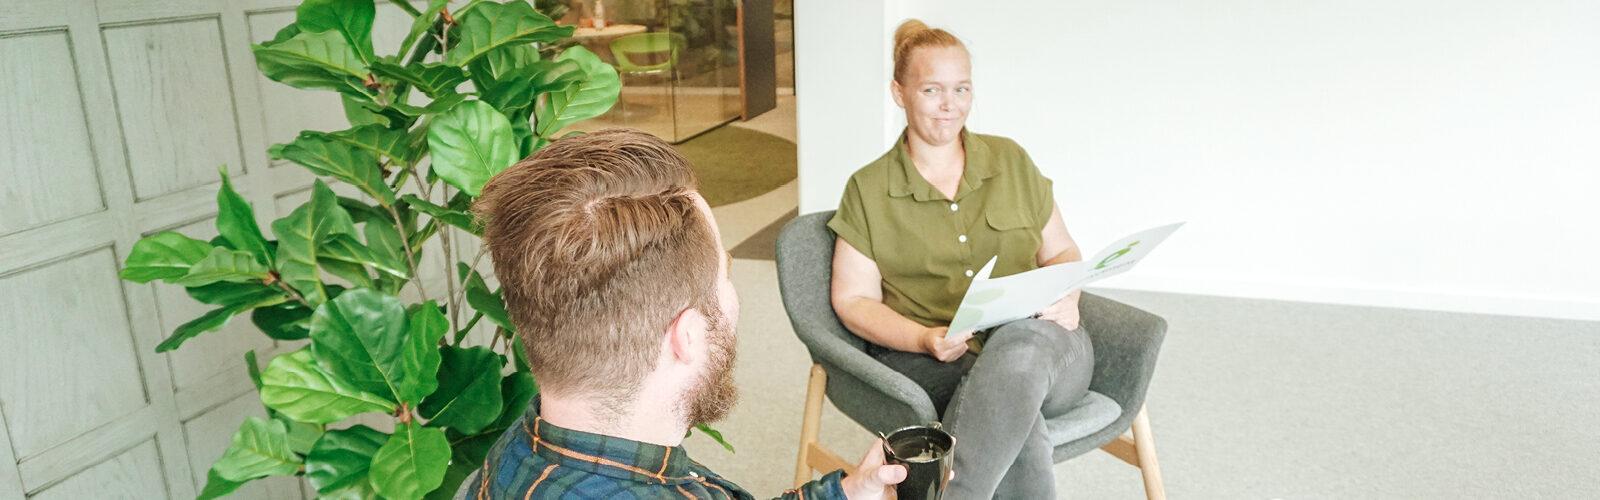 recrewtment-team-rekrutering-selectie-rekruteringspartner-hr-sollicitatiegesprek